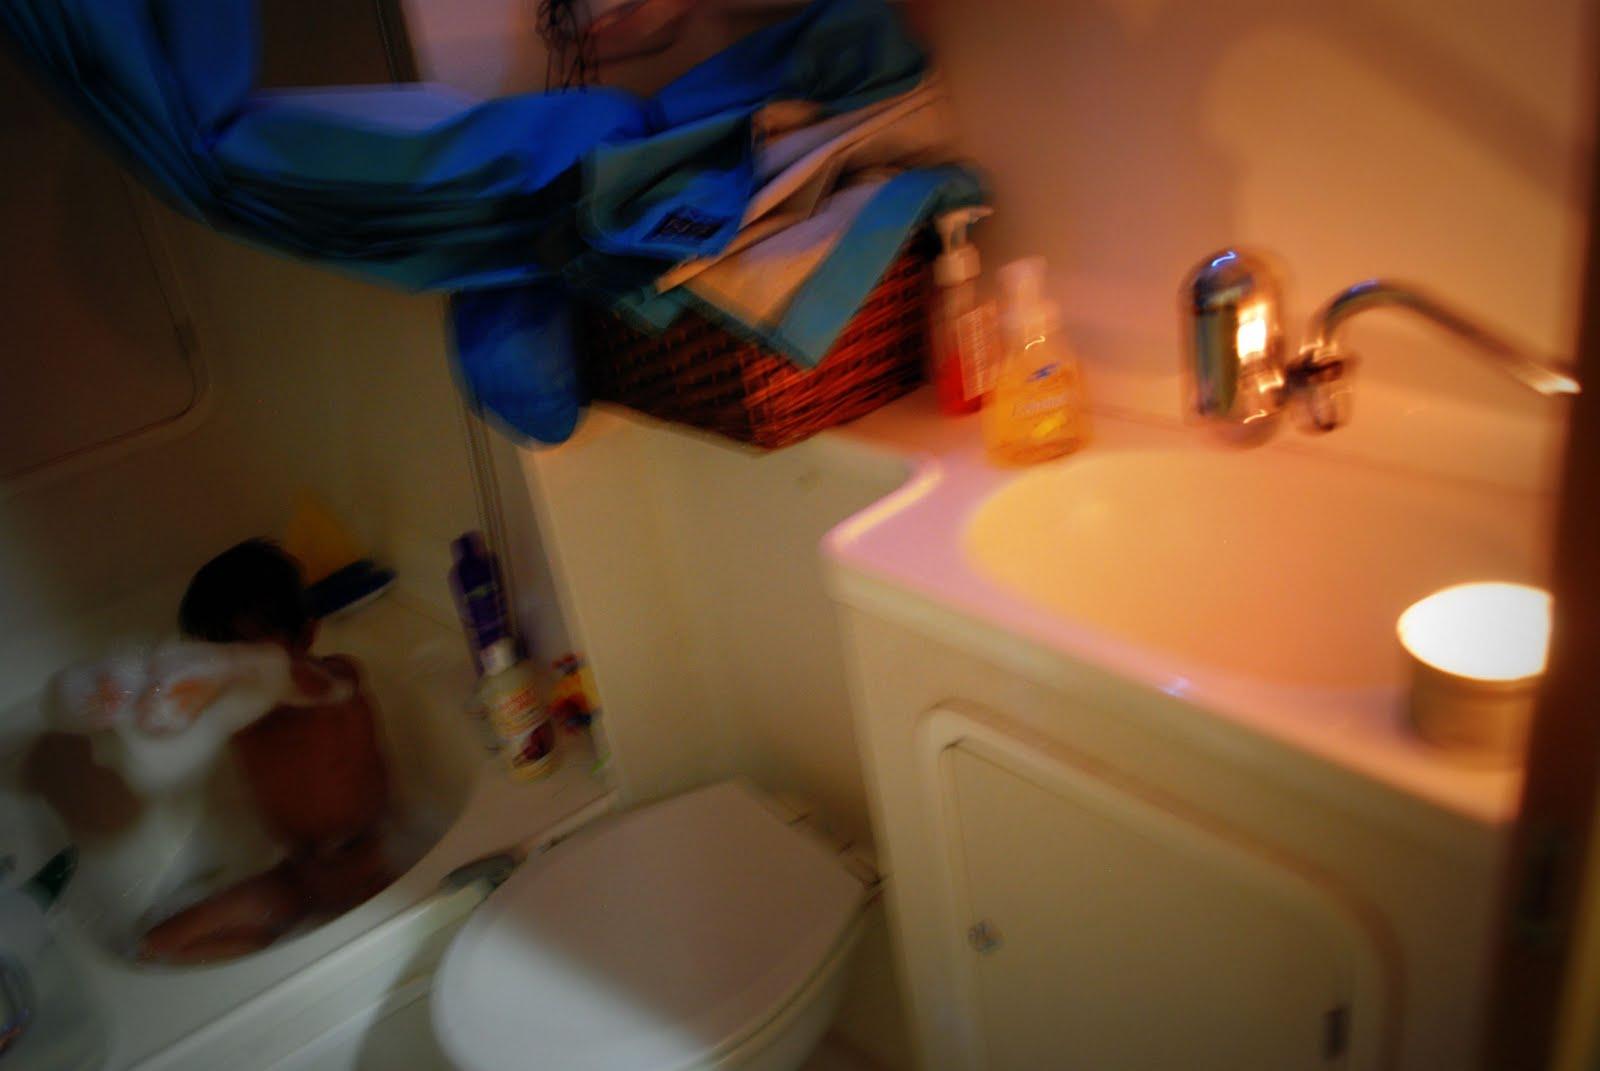 Zach Aboard: About that bath tub...